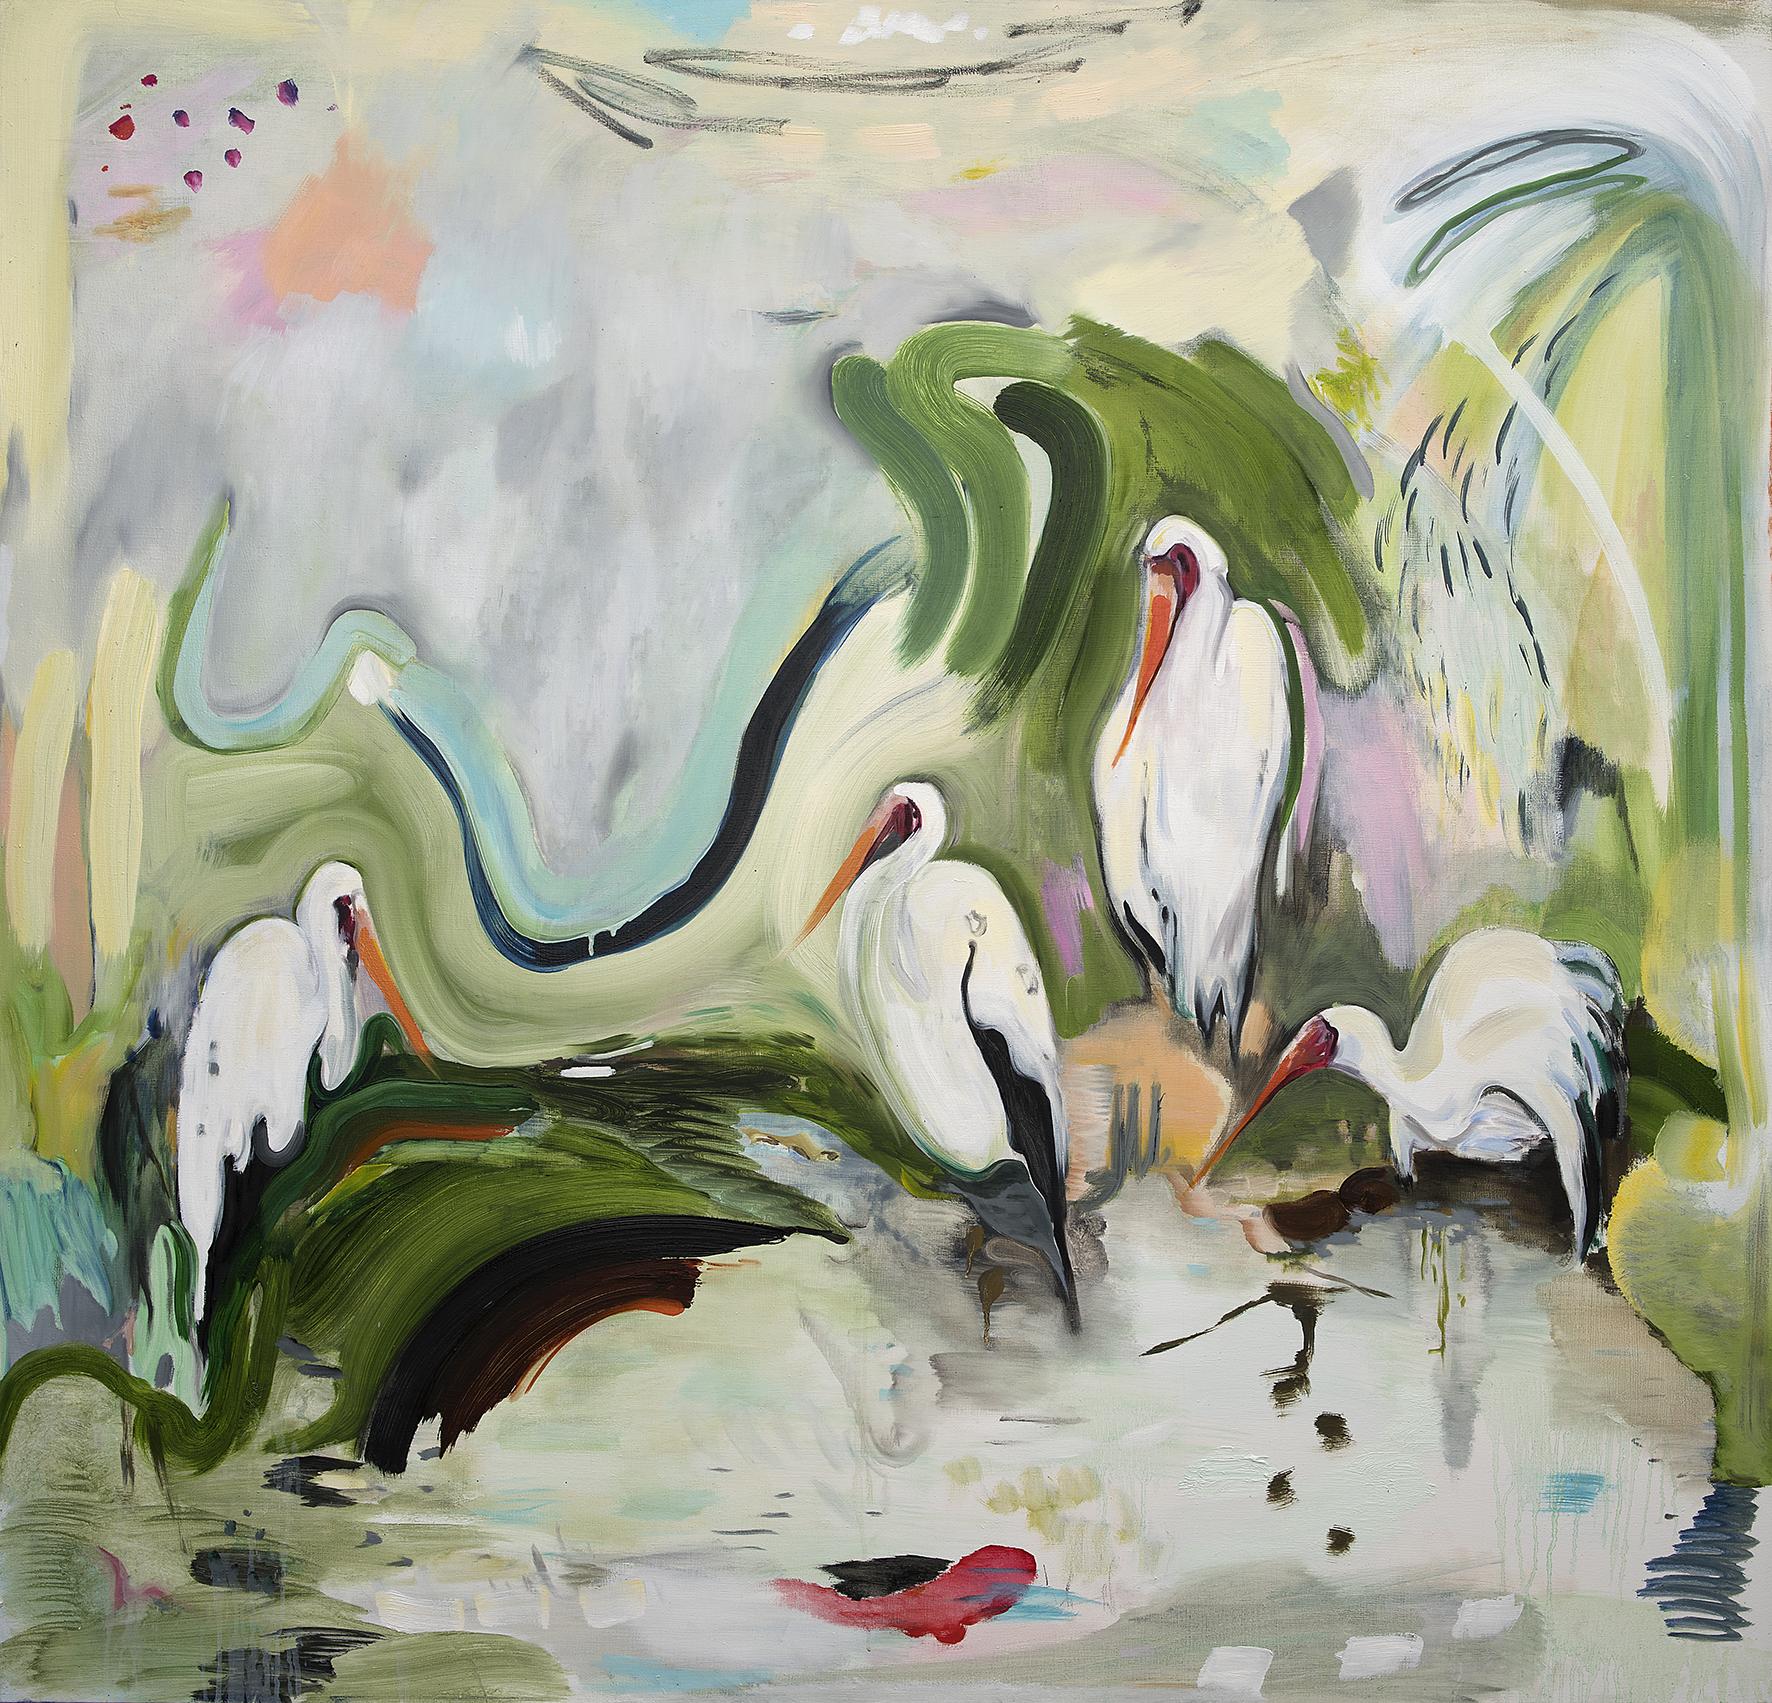 Vera Portatadino, The Death of the Fish, 2015, oil on canvas, 150 x 150 cm